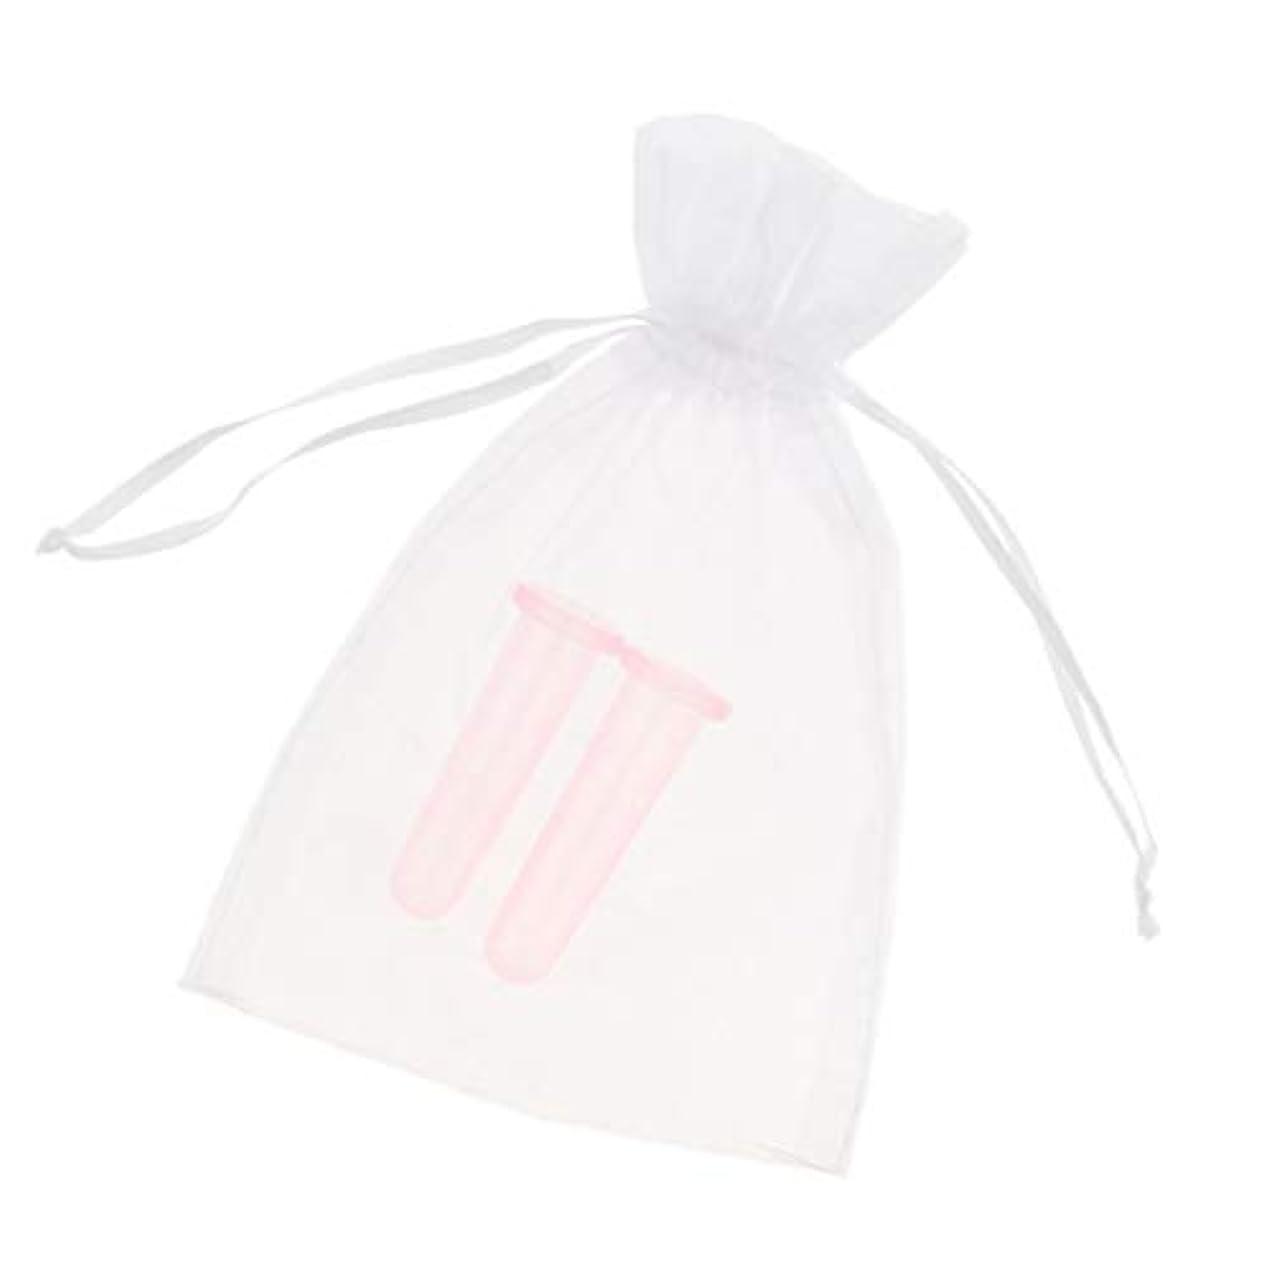 摂氏算術約設定F Fityle 全2色 シリコーン製 真空 顔用マッサージ カッピング 吸い玉カップ カッピング 収納ポーチ付き 2個 - ピンク